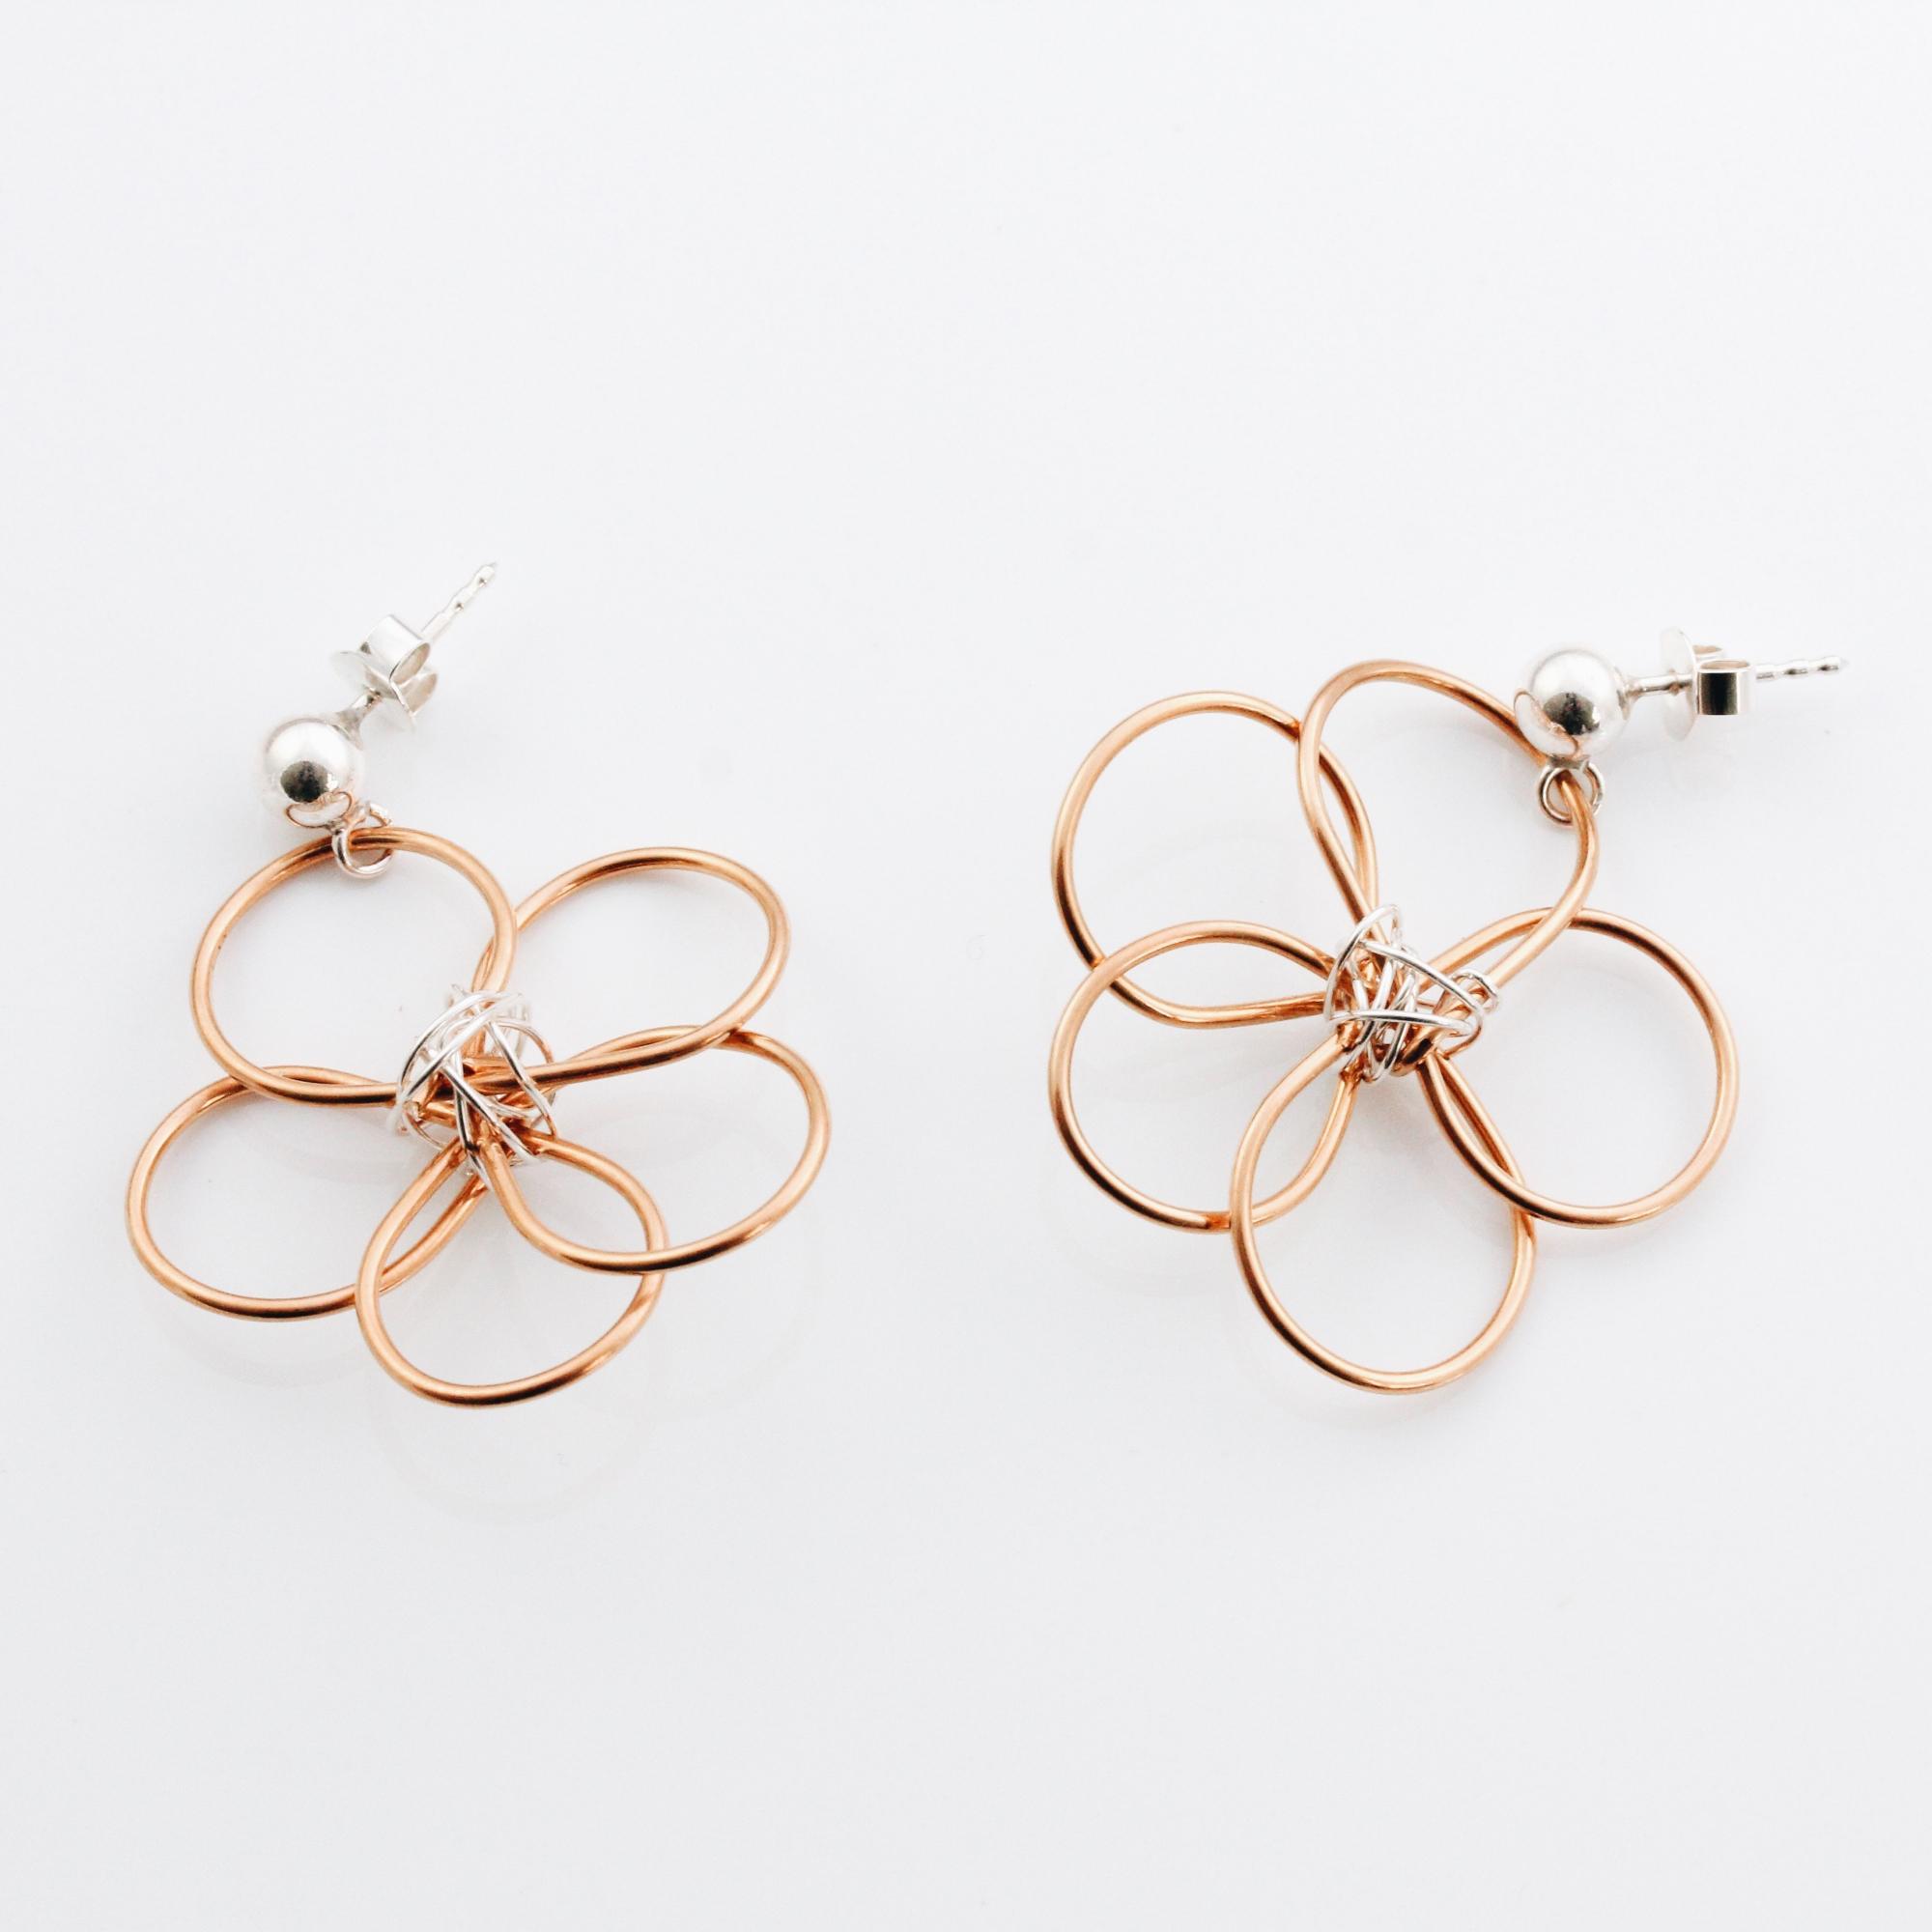 Blumen Ohrstecker in Gold und Silber Madeleine Issing